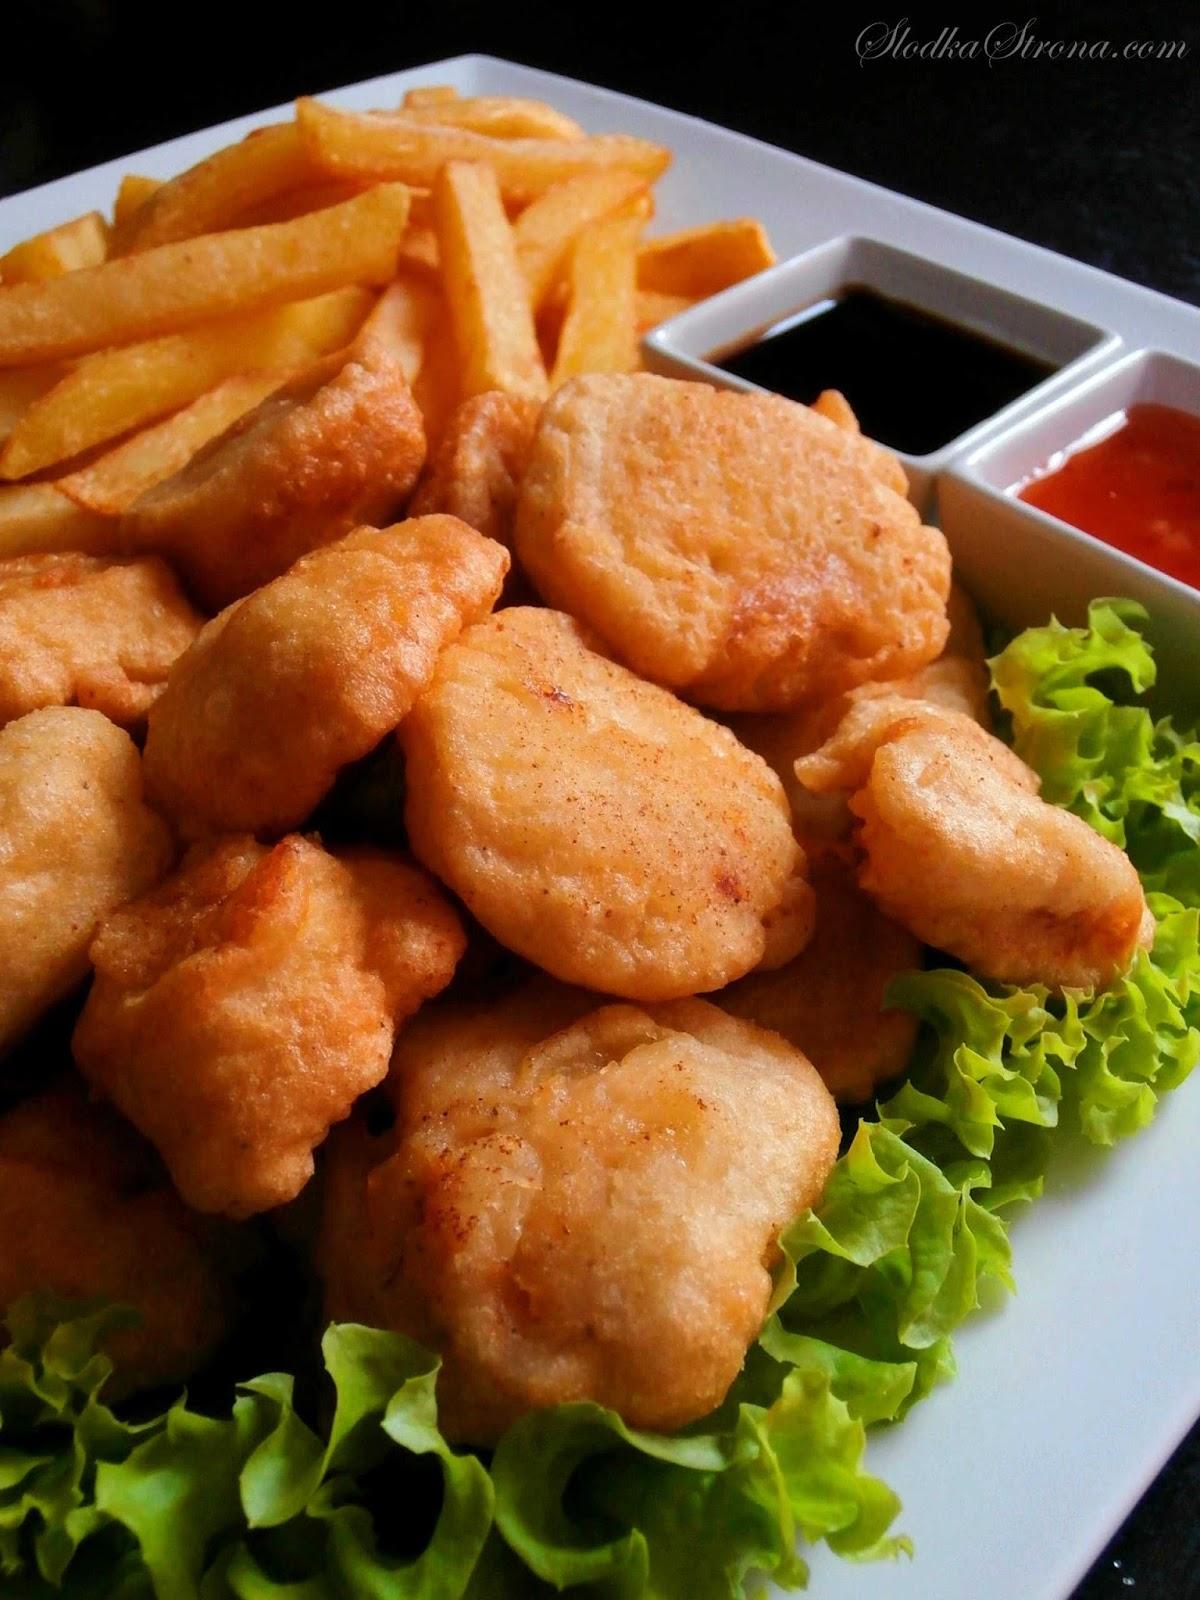 Kurczak w Cieście Naleśnikowym - Przepis - Słodka Strona